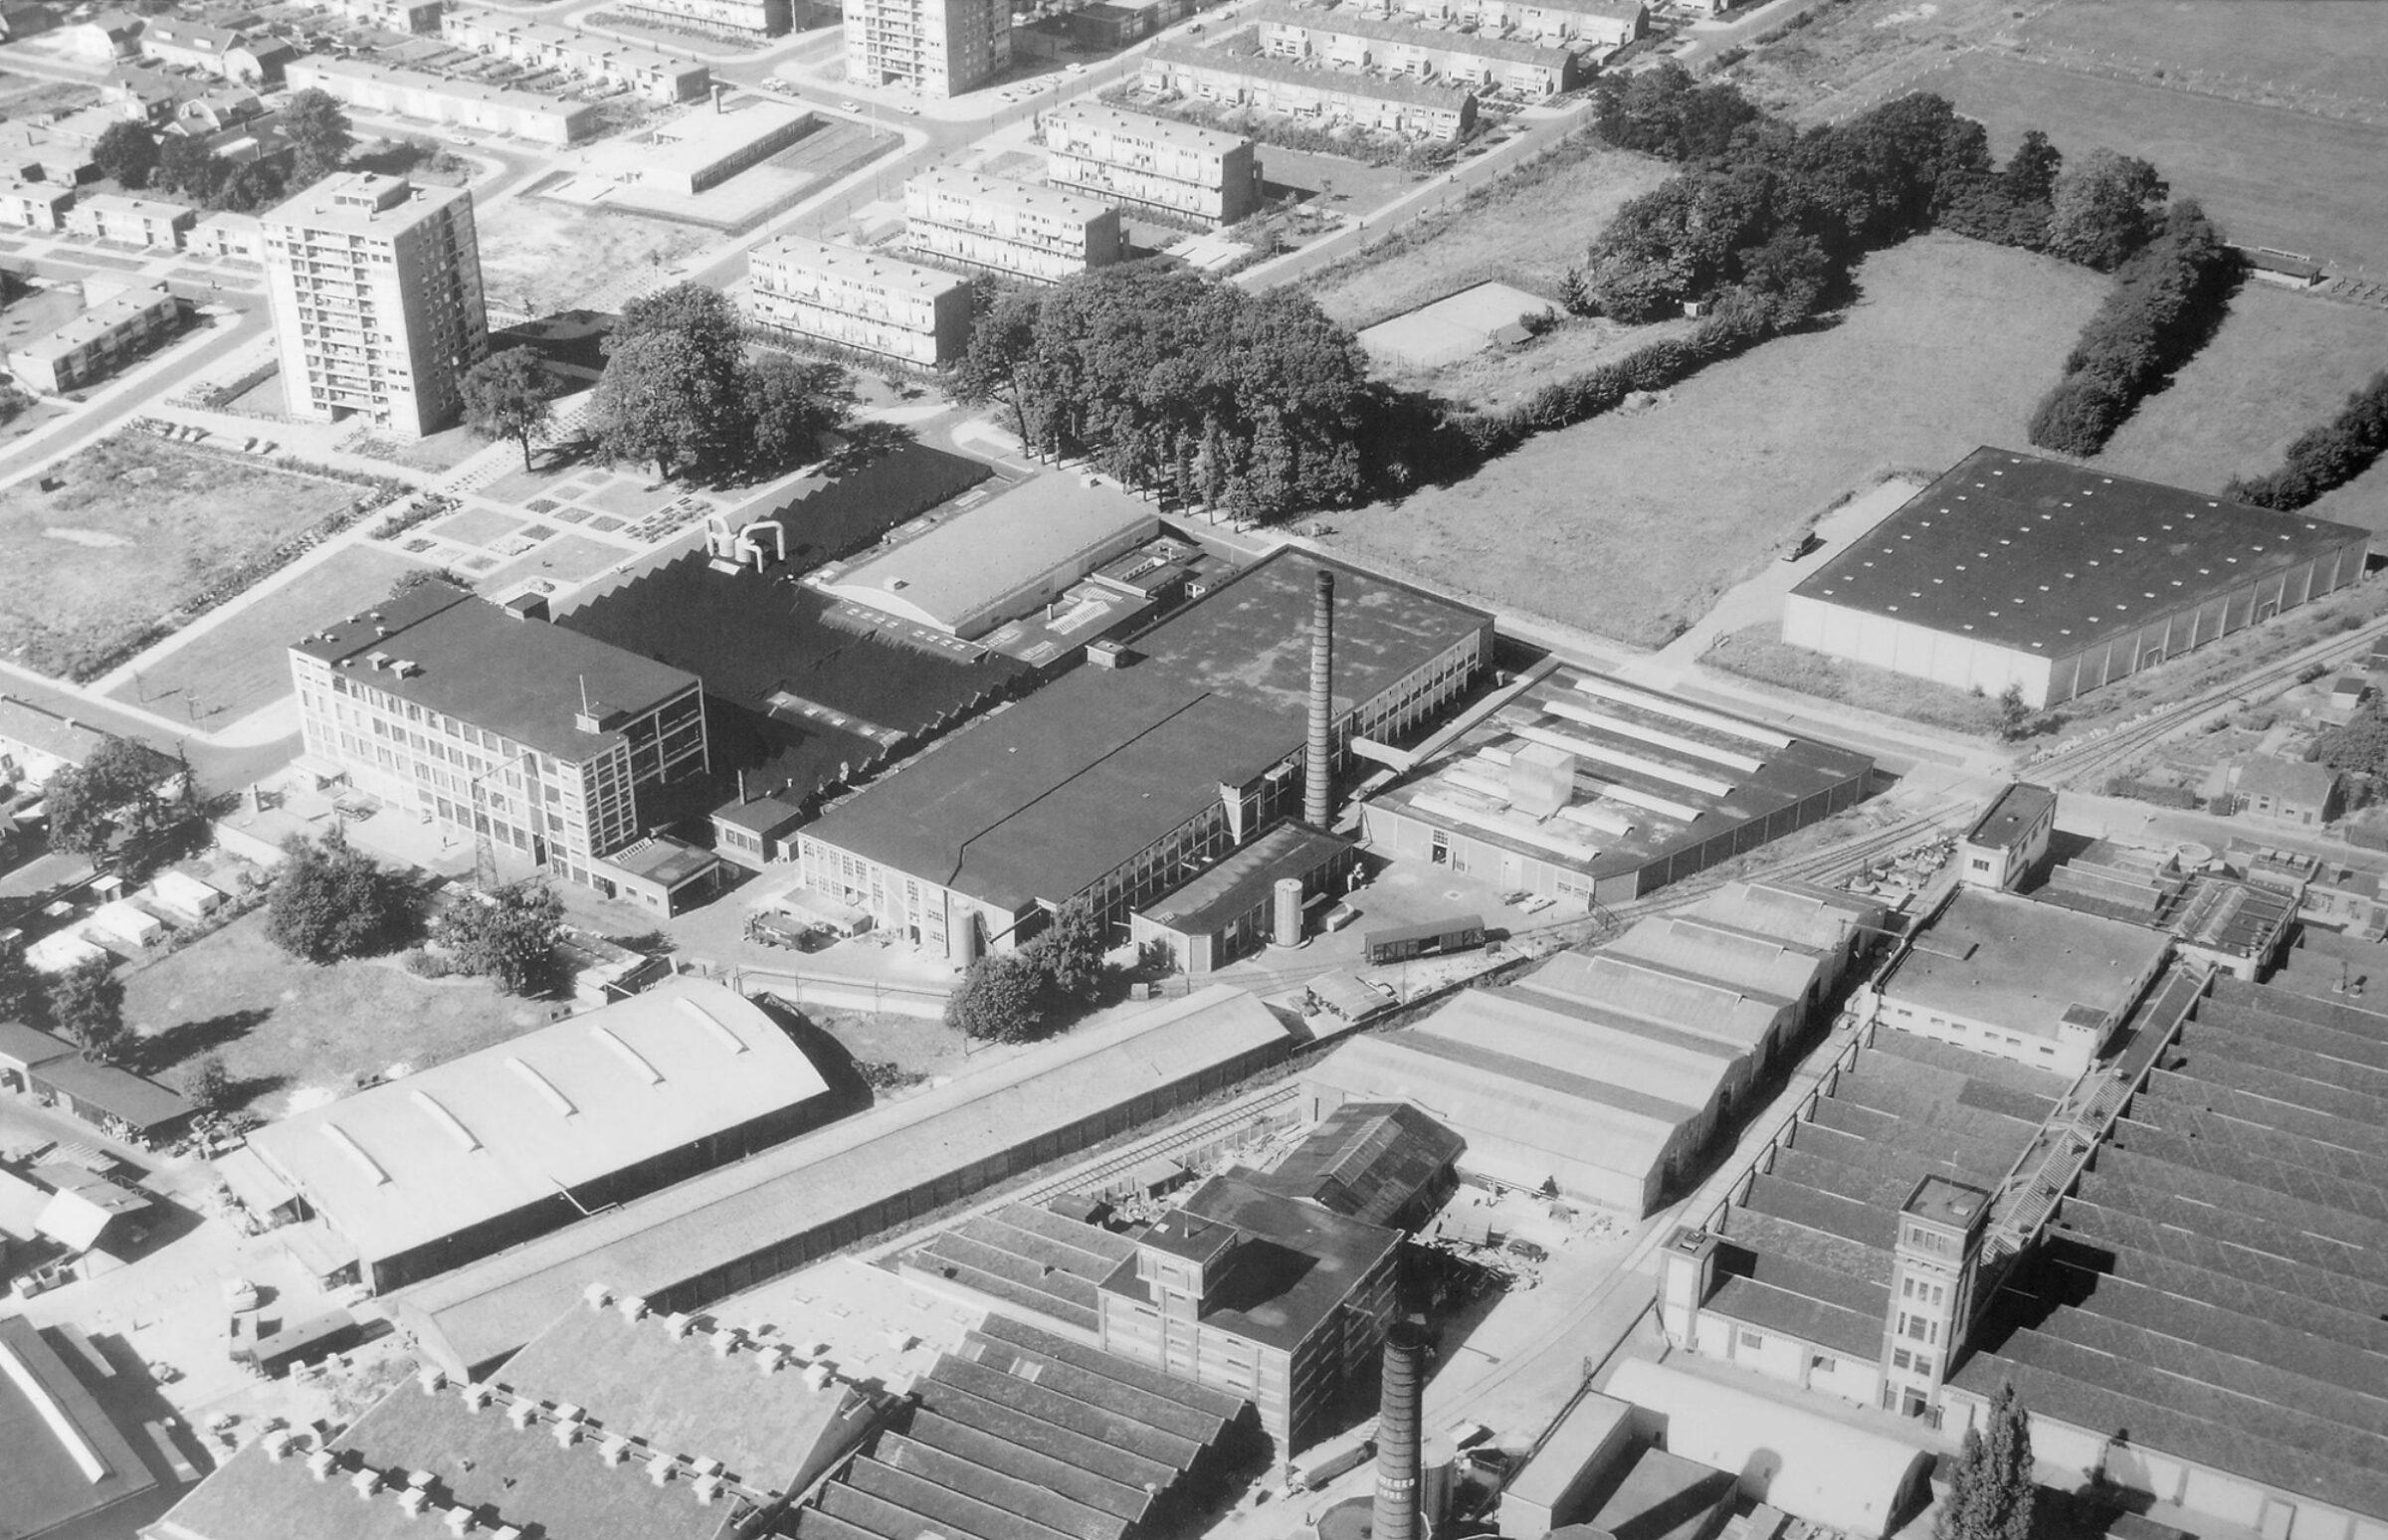 De Museumfabriek draaischijf Enschede